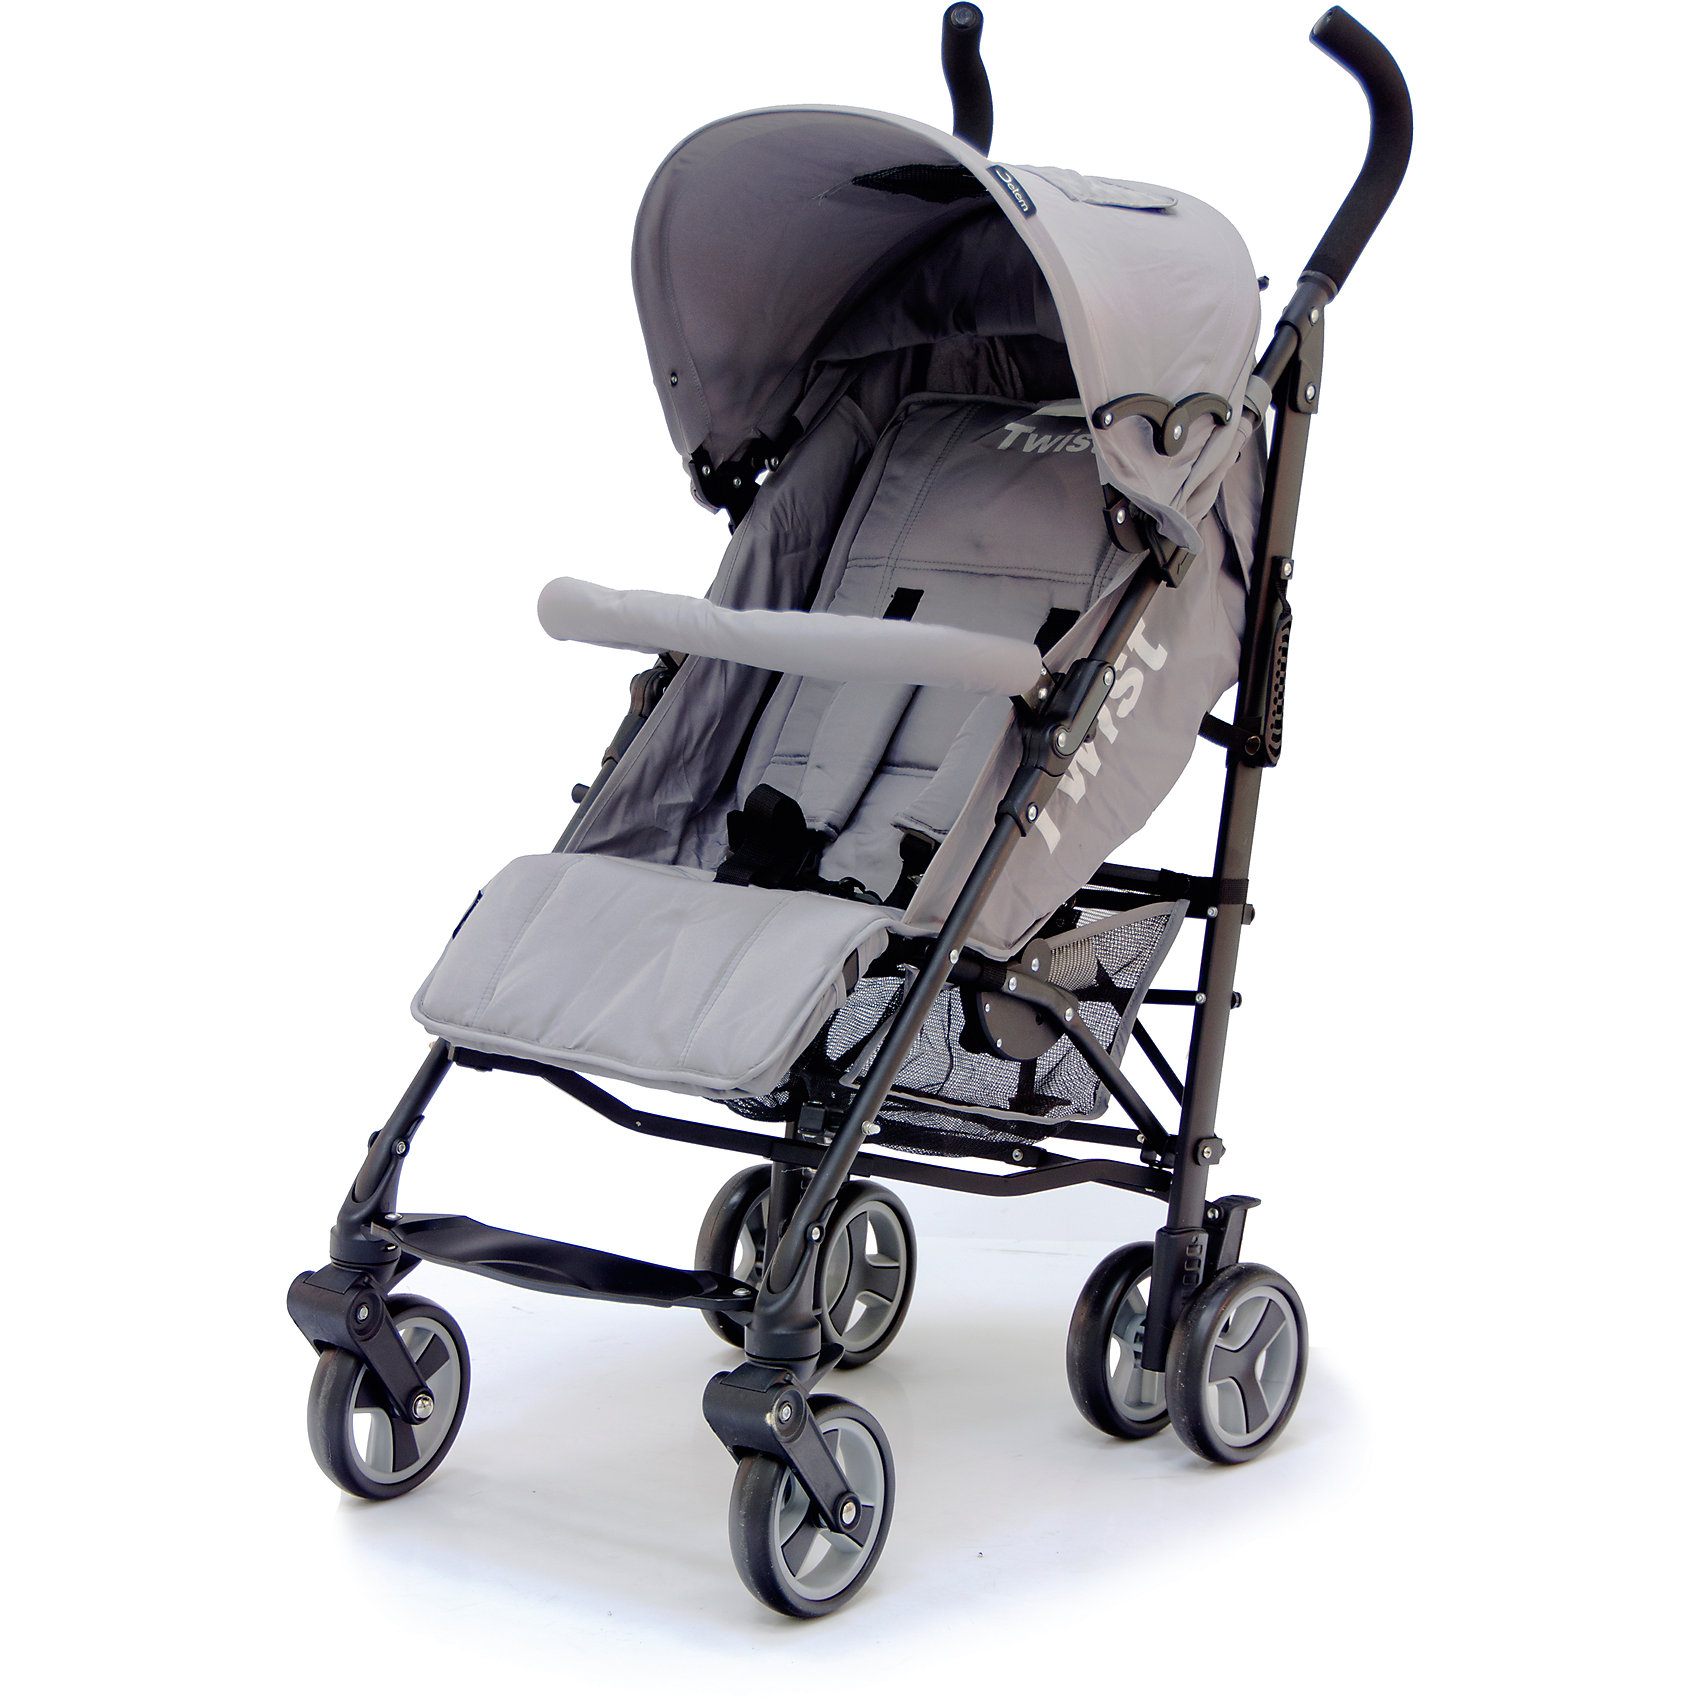 Коляска-трость Jetem Twist, серыйНедорогие коляски<br>Стильная и современная Коляска-трость Twist (Твист), Jetem (Жэтэм), серый представляет собой легкую, маневренную коляску для активных родителей и их детей. Данная модель имеет просторное посадочное место, благодаря чему ребенку будет в ней комфортно и свободно! Спинка и подножка регулируются в 3 положениях, а большой капюшон со смотровым окошком может опускаться почти до бампера, что позволит крохе поспать в любую погоду. Маневренность и плавность хода коляске придают поворотные передние колеса, которые при необходимости можно зафиксировать. <br><br>Характеристики: <br>-Сезонность: летняя<br>-Тип: прогулочная<br>-Цвет: серый<br>-Механизм складывания: трость <br>-Комфортное большое посадочное и спальное место<br>-Съемный бампер с мягкой обивкой<br>-Регулируемый наклон спинки (3 положения)<br>-Встроенные ремни безопасности<br>-Регулируемая подножка (3 положения)<br>-Передние колеса поворотные с возможностью фиксации<br>-Задние колеса сдвоенные<br>-Ножной тормоз на задней оси<br>-Большой опускающийся до бампера капюшон со смотровым окошком<br>-Встроенные 5-титочечные ремни безопасности с мягкими плечевыми накладками<br>-Облегченная рама из алюминиевого профиля<br><br>Комплектация: чехол на ножки, дождевик, корзина для покупок<br><br>Дополнительная информация:<br>-Диаметр колес: 12 см <br>-Материалы: плотная резина, текстиль, алюминий<br>-Вес: 9 кг <br>-Размеры: 50х40х90 см <br>-Размер спального места: 29х20х40 см<br>-Ширина шасси: 50 см<br><br>Коляска-трость Twist (Твист), Jetem (Жэтэм), серый – это современная, стильная модель, которая сочетает в себе качество, комфорт и безопасность!<br><br>Коляска-трость Twist (Твист), Jetem (Жэтэм), серый можно купить в нашем магазине.<br><br>Ширина мм: 980<br>Глубина мм: 250<br>Высота мм: 230<br>Вес г: 10000<br>Возраст от месяцев: 6<br>Возраст до месяцев: 36<br>Пол: Унисекс<br>Возраст: Детский<br>SKU: 4125360